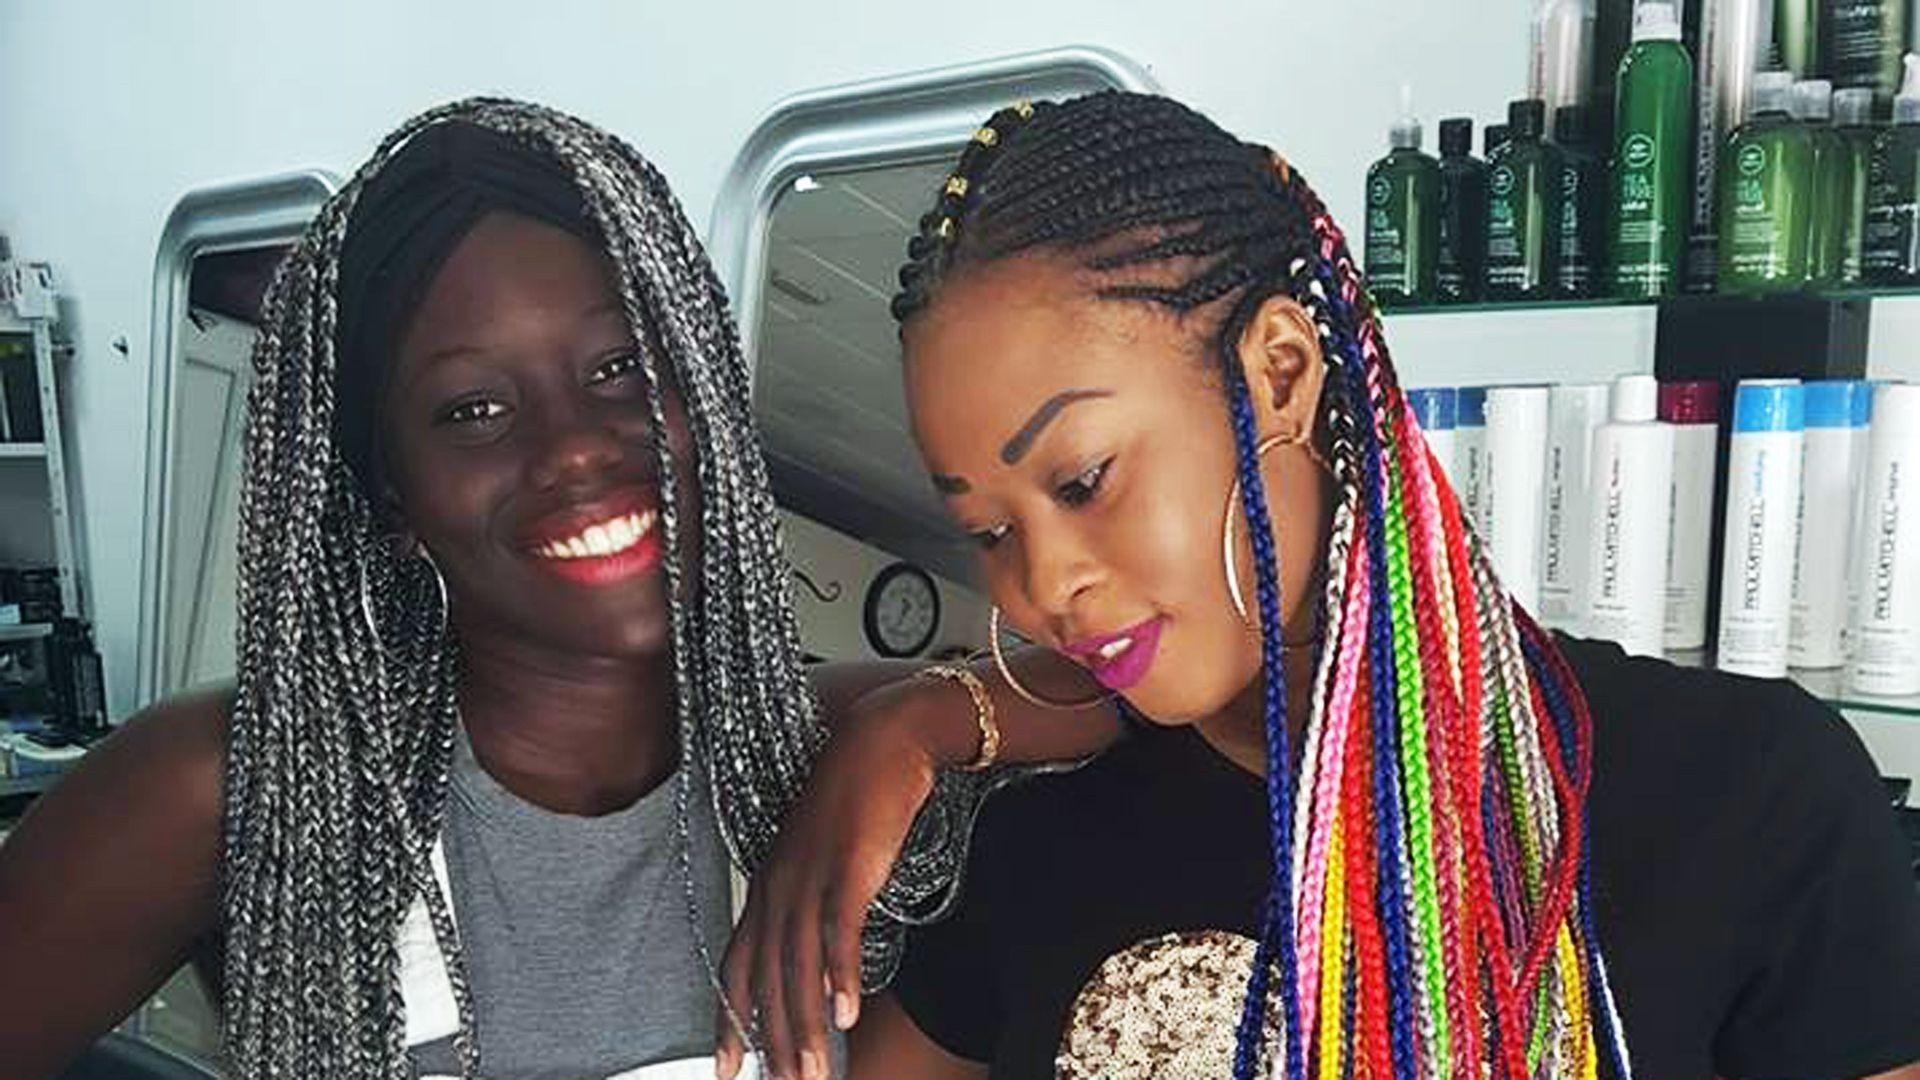 Moda en peinados africanos en Granada